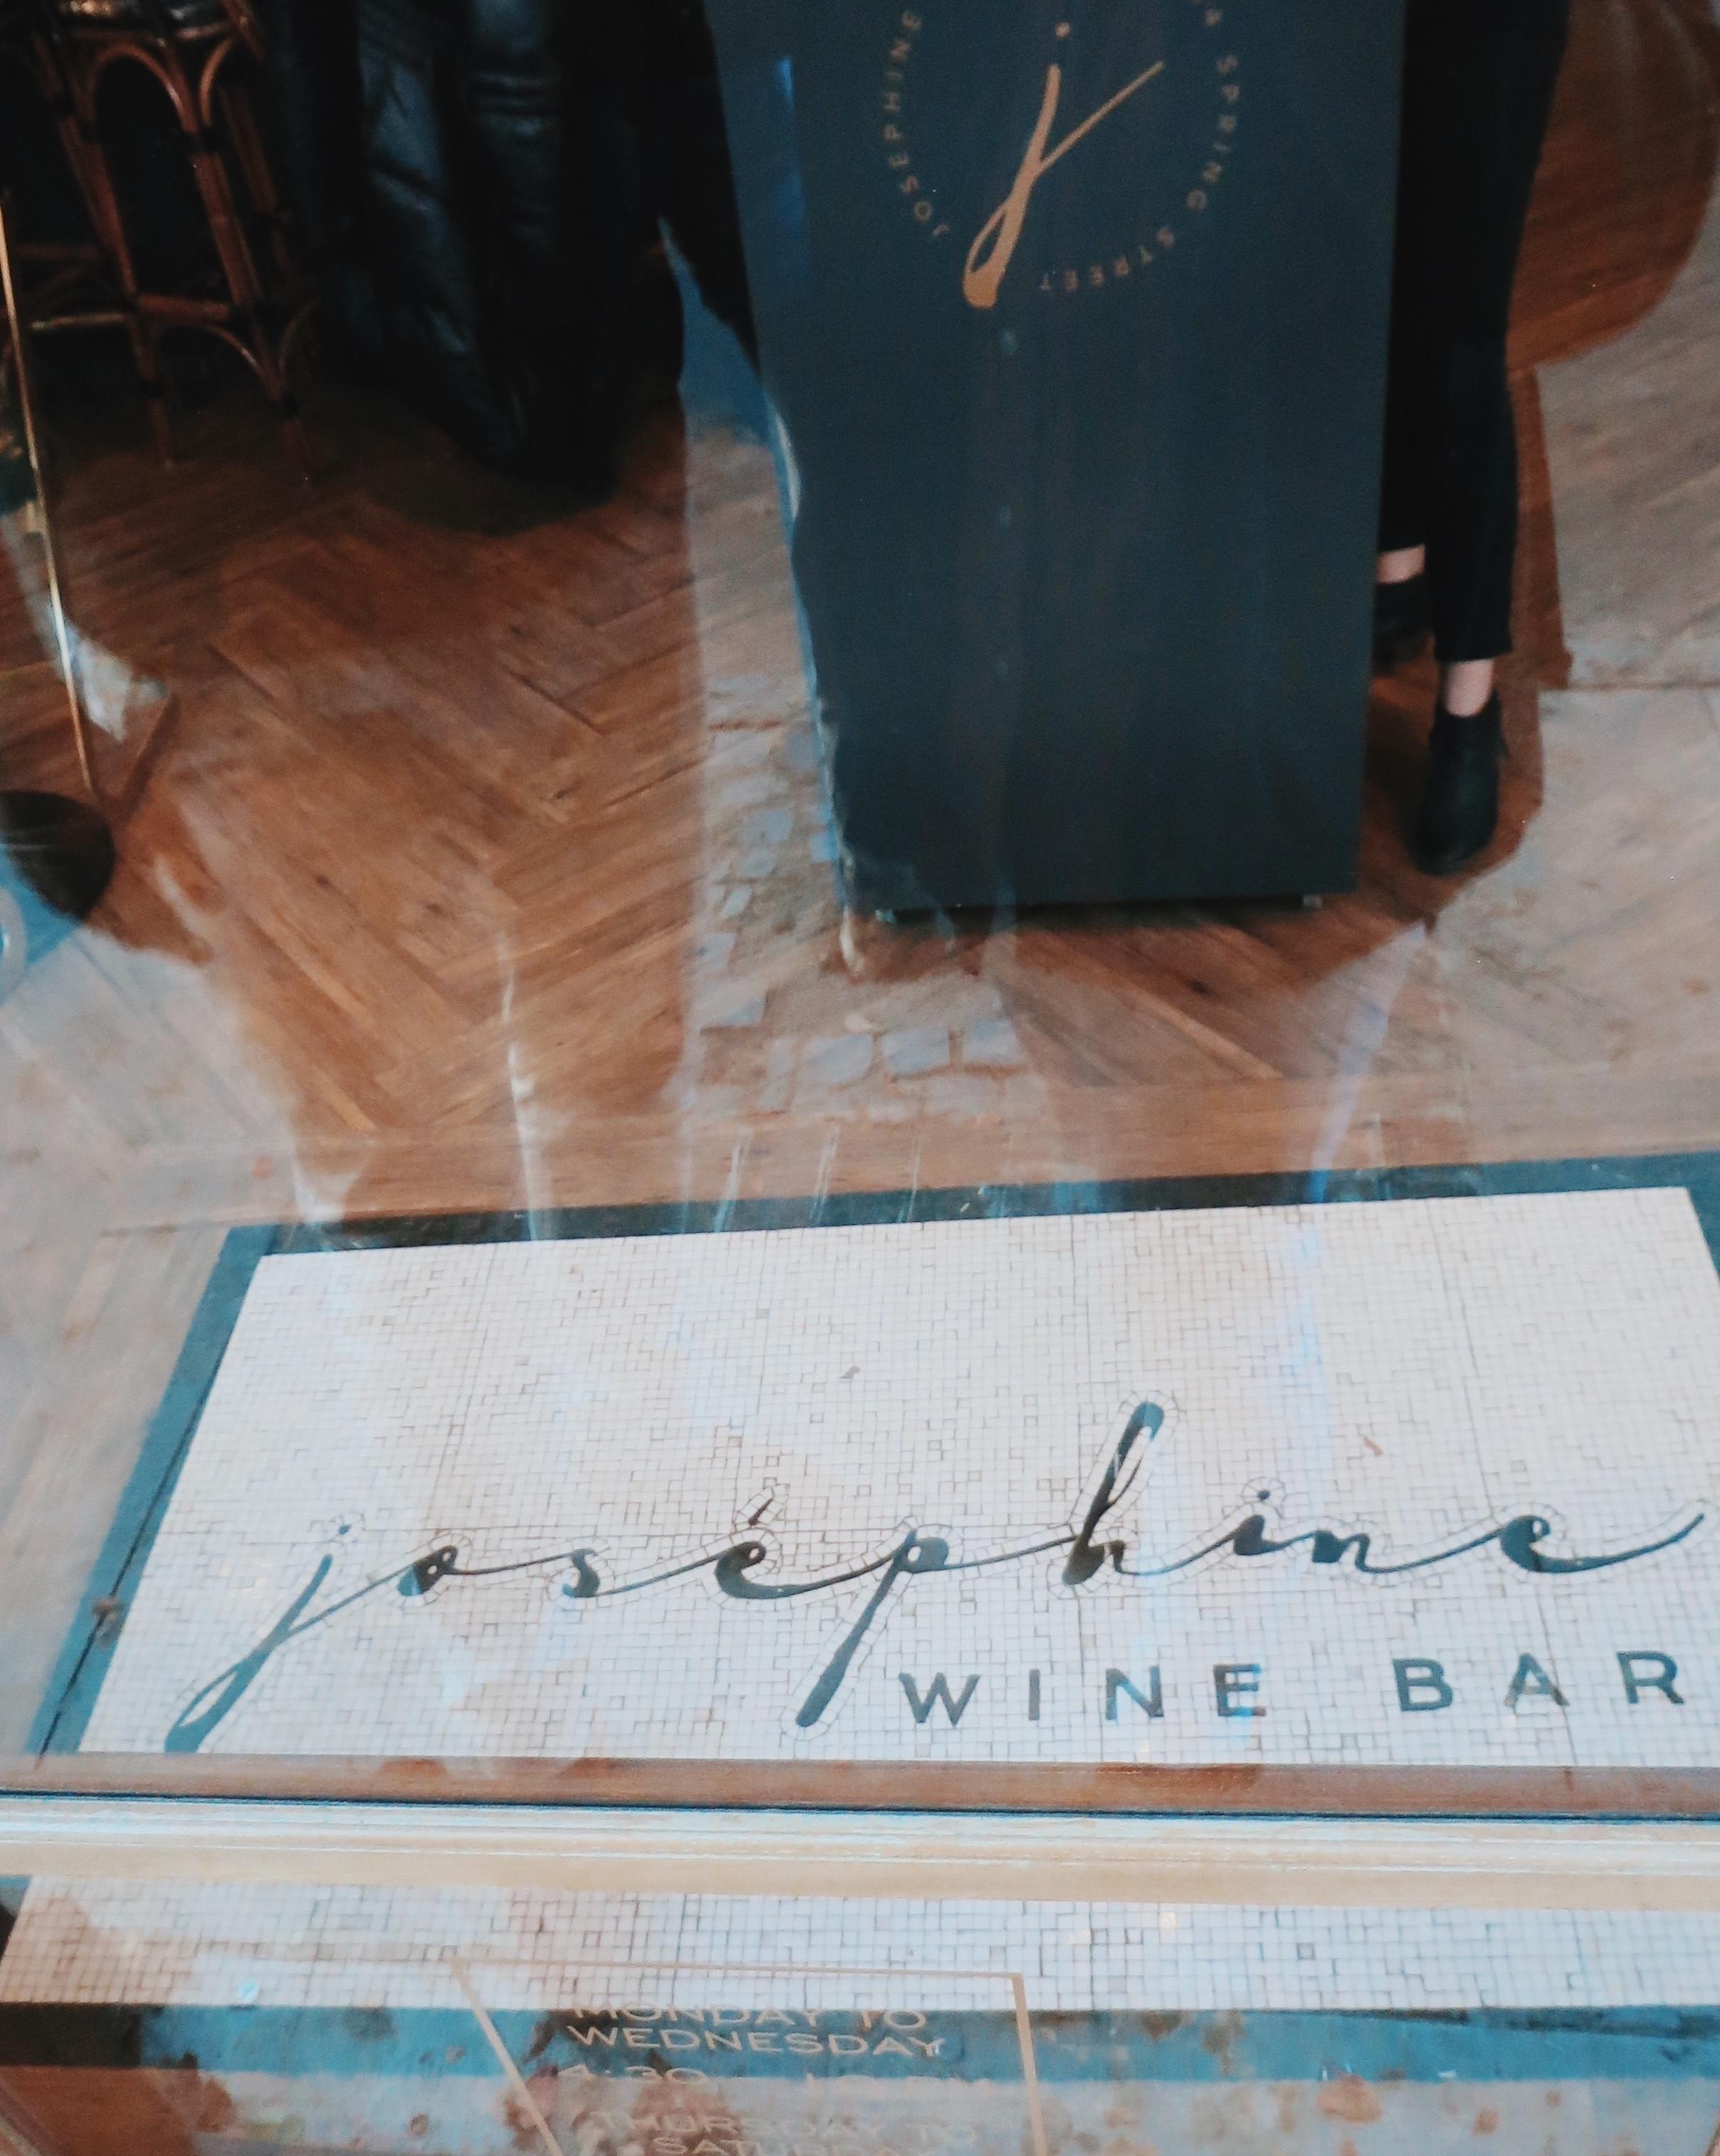 I Love That For You - Josephine Wine Bar Entrance Floor.jpg